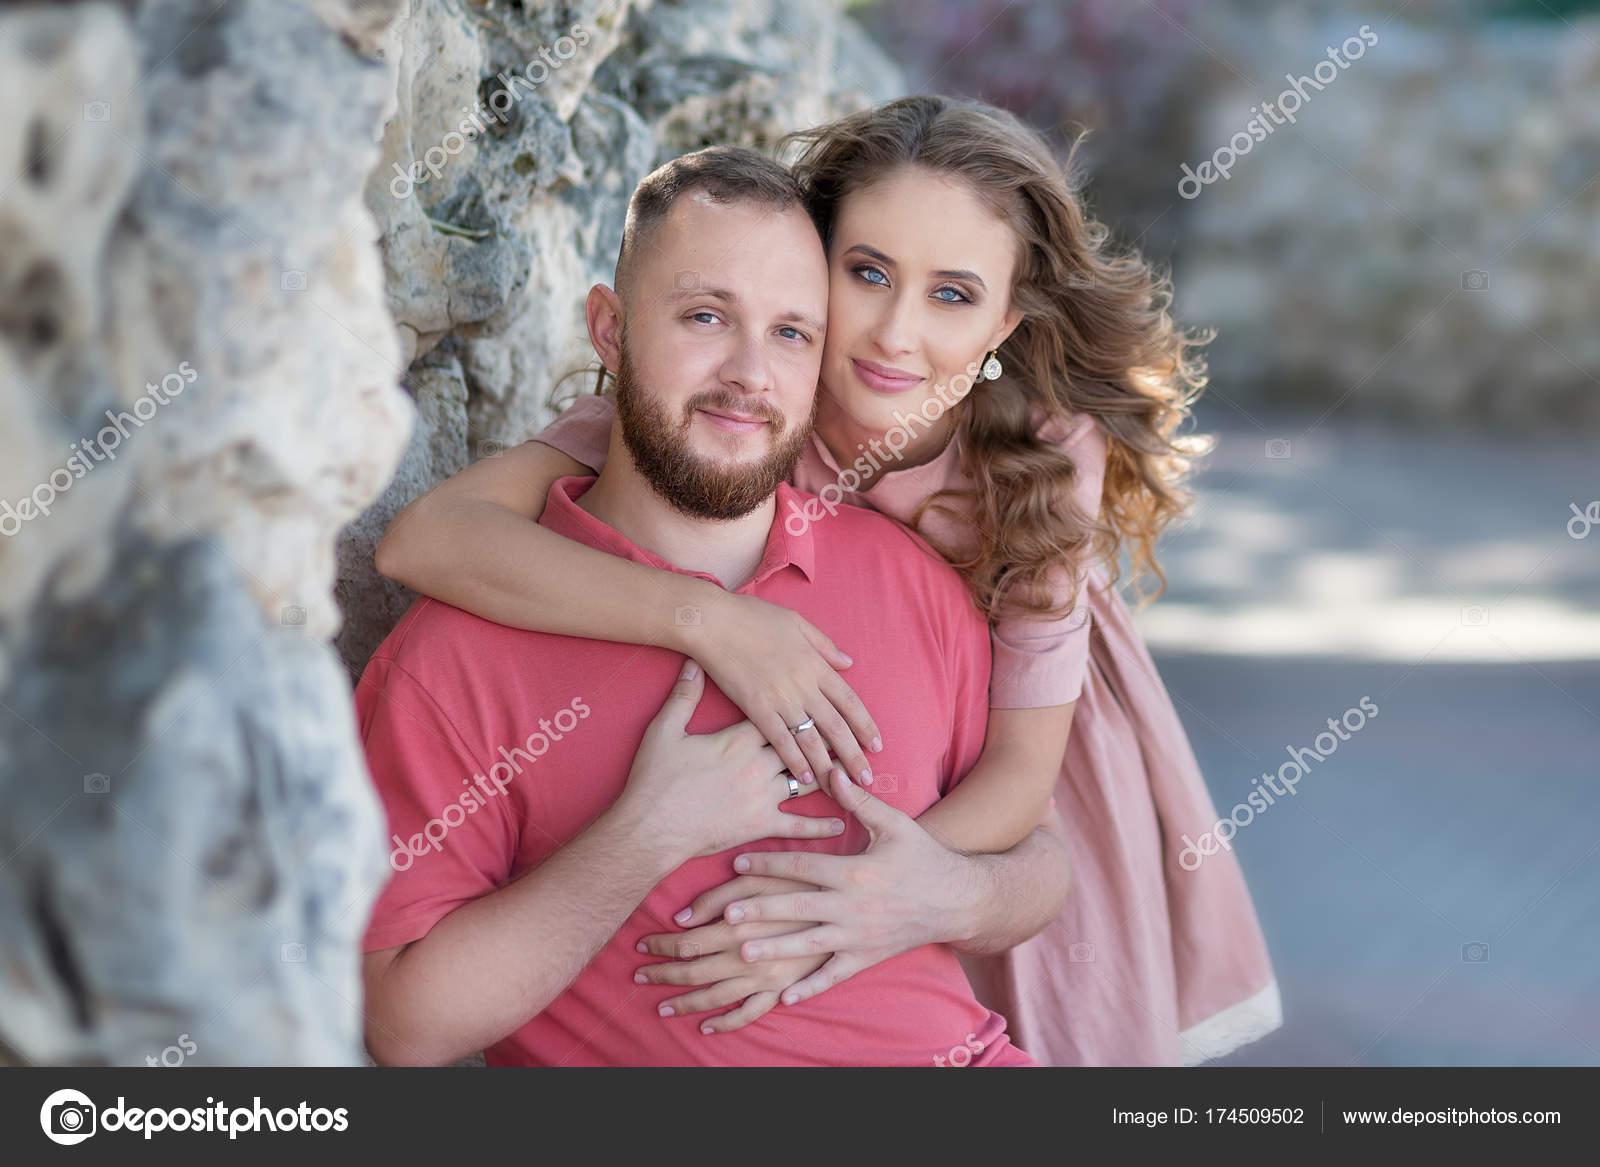 Сексуальные отношения для молодой пары